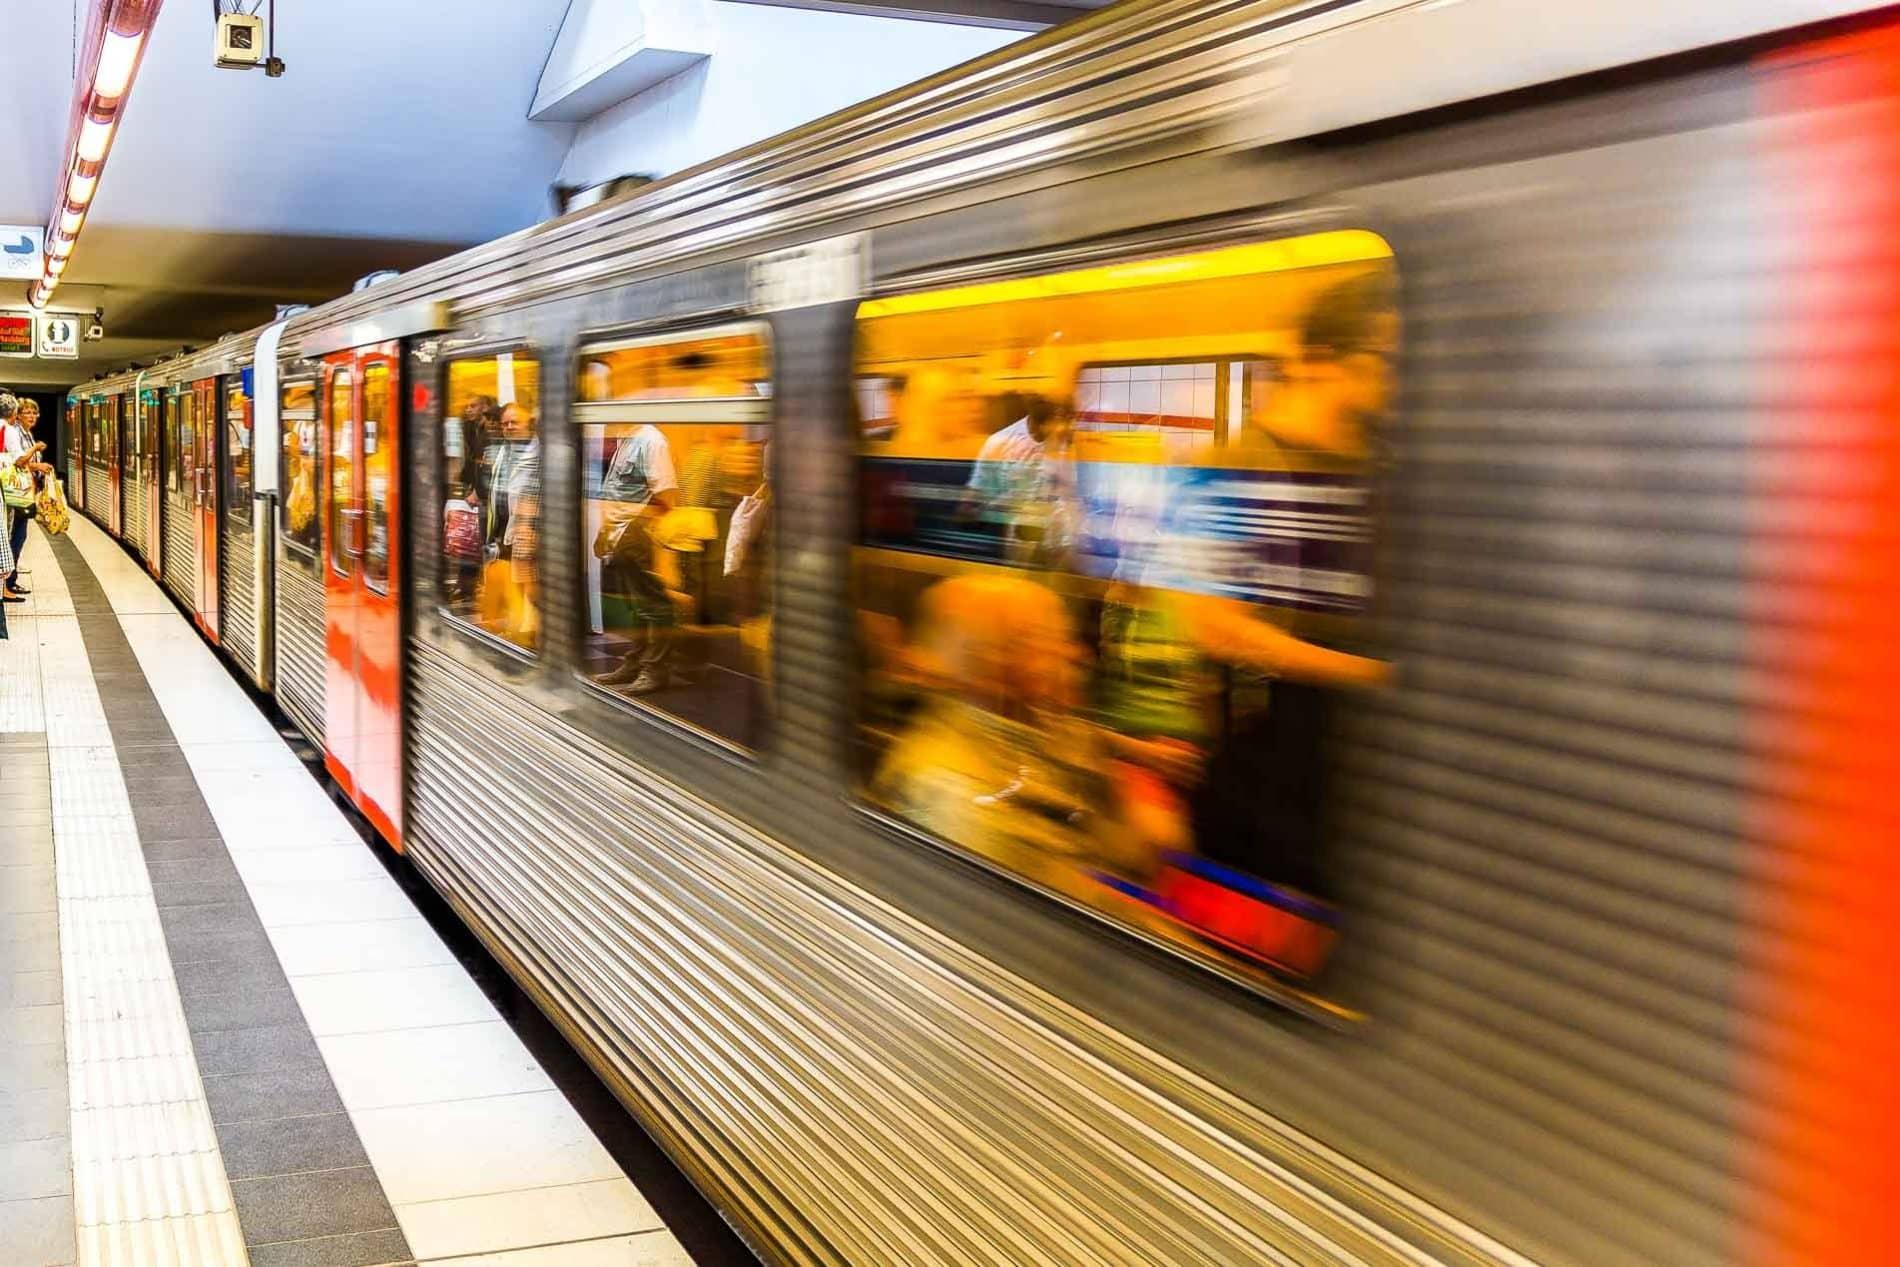 Einfahrende U-Bahn in der Haltestelle Feldstraße in Hamburg mit Bewegungsunschärfe